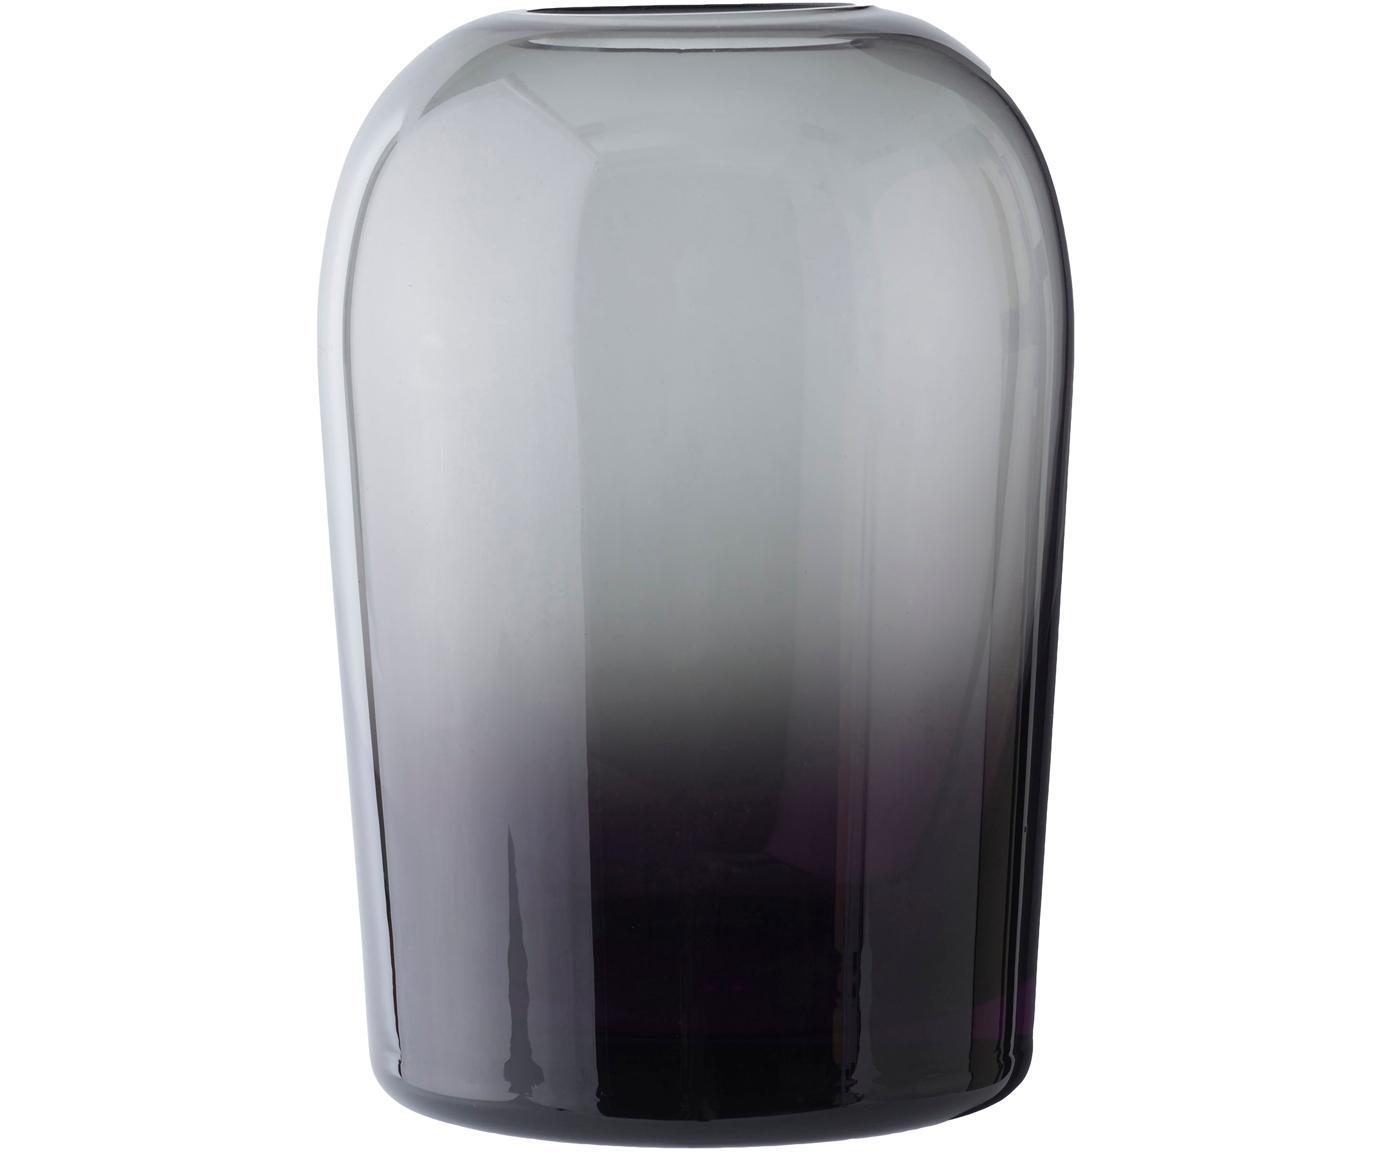 Mondgeblazen vaas Troll, Mondgeblazen glas, Fumé, Ø 13 cm